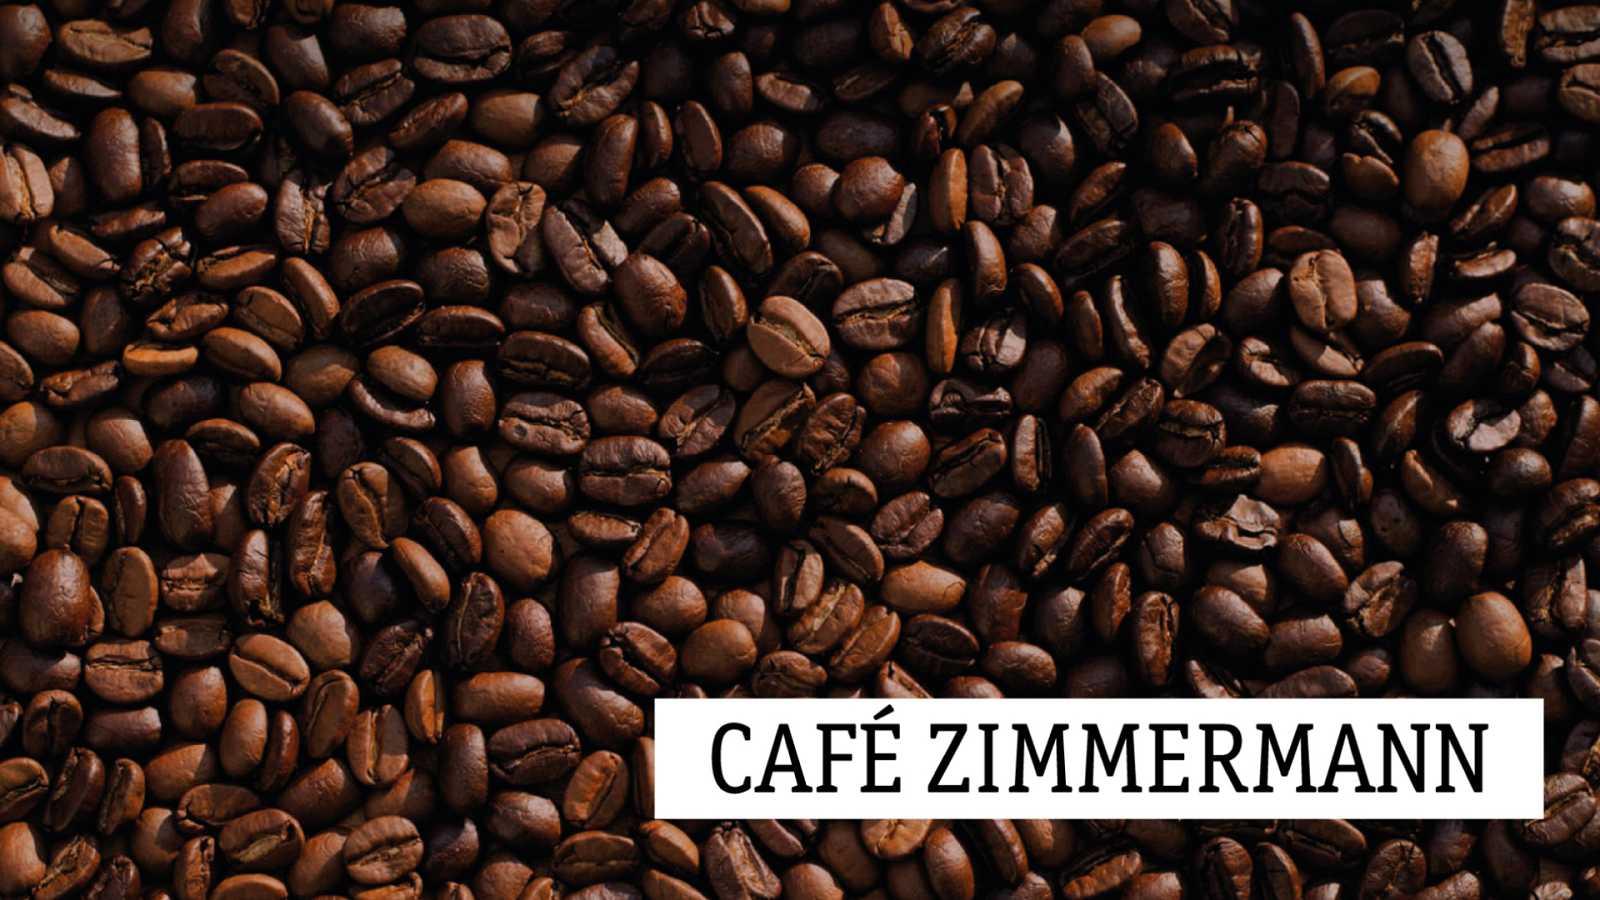 Café Zimmermann - Canon enigmático - 11/06/20 - escuchar ahora